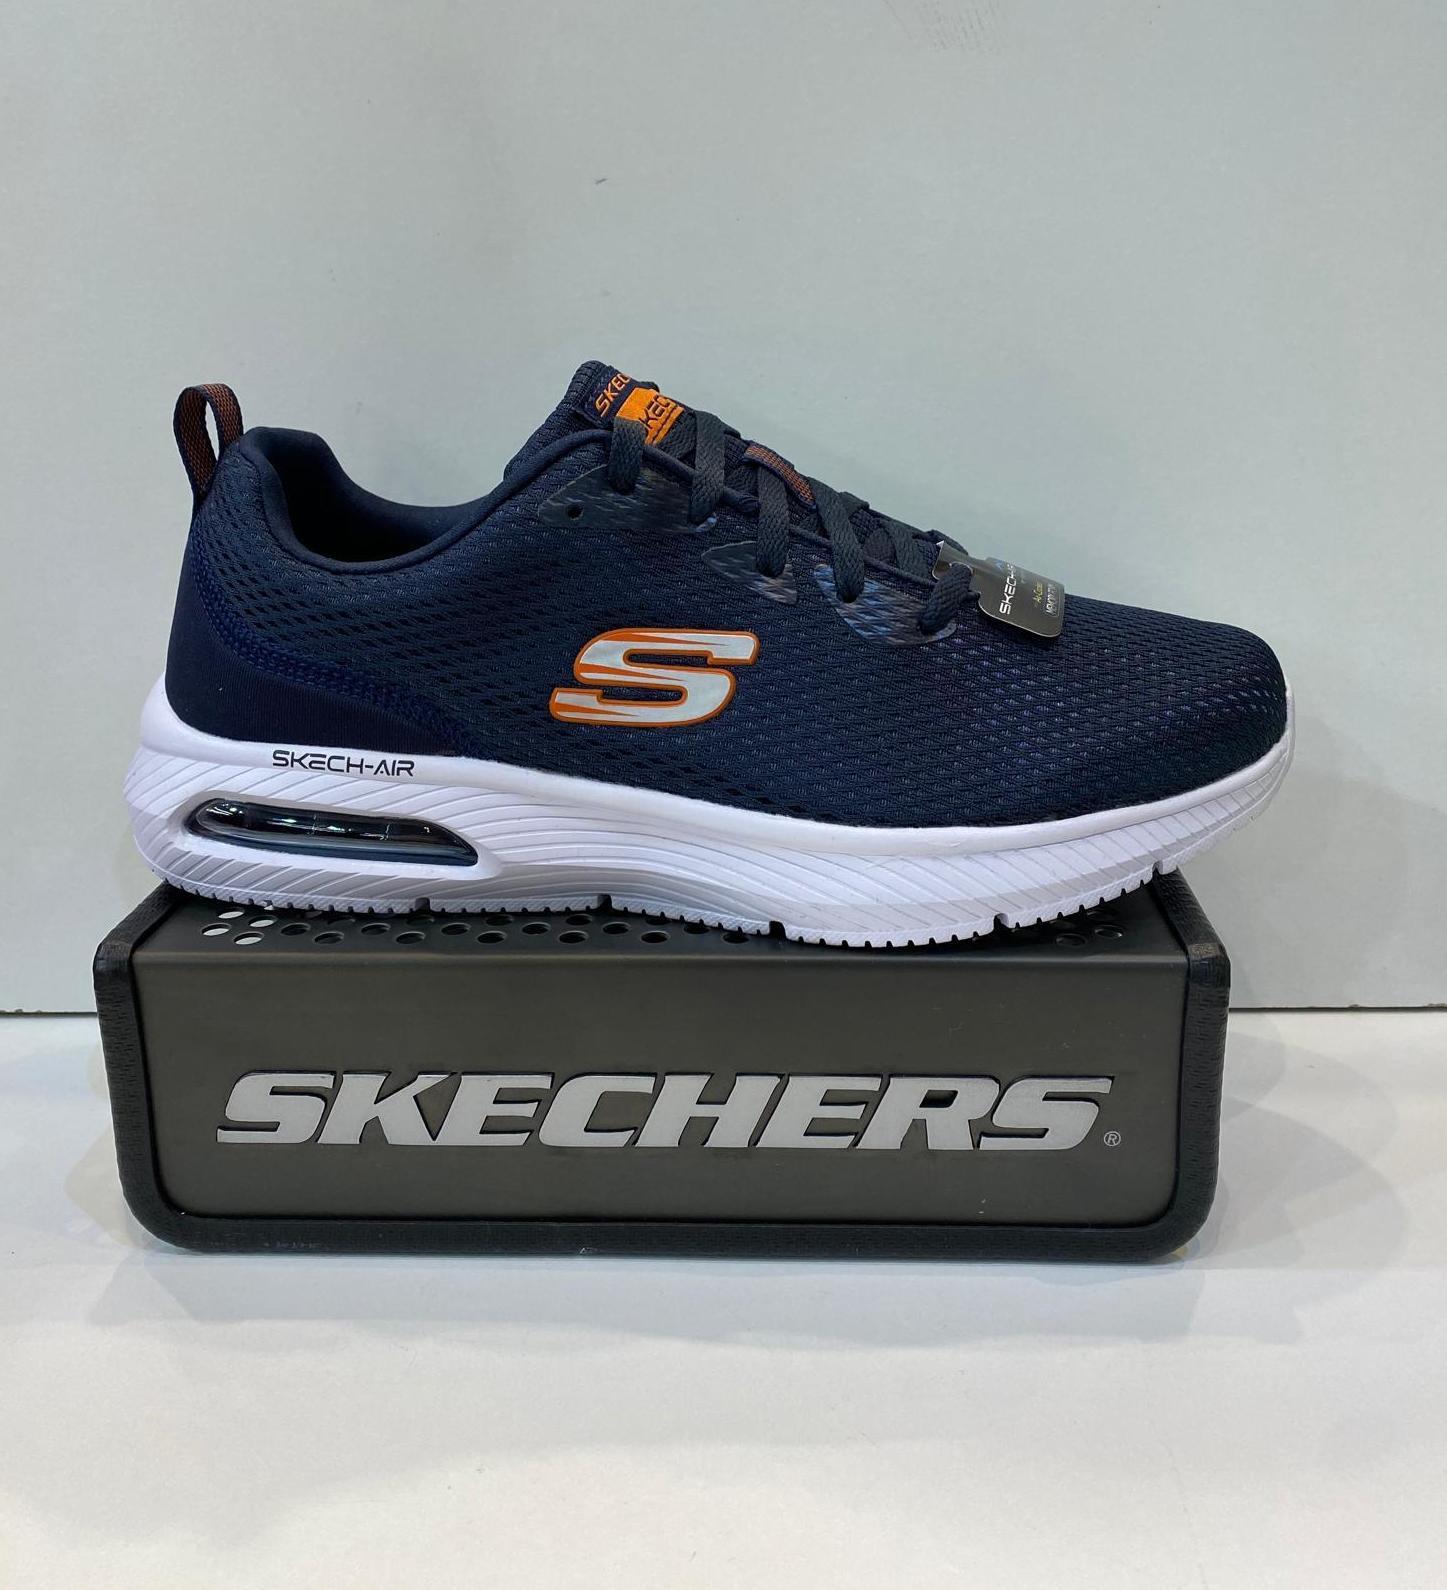 Sabata esportiva d'home, de la marca Skechers, plantilla Memory Foam Air-Colled, sola de resalite amb càmera d'aire 59.95€